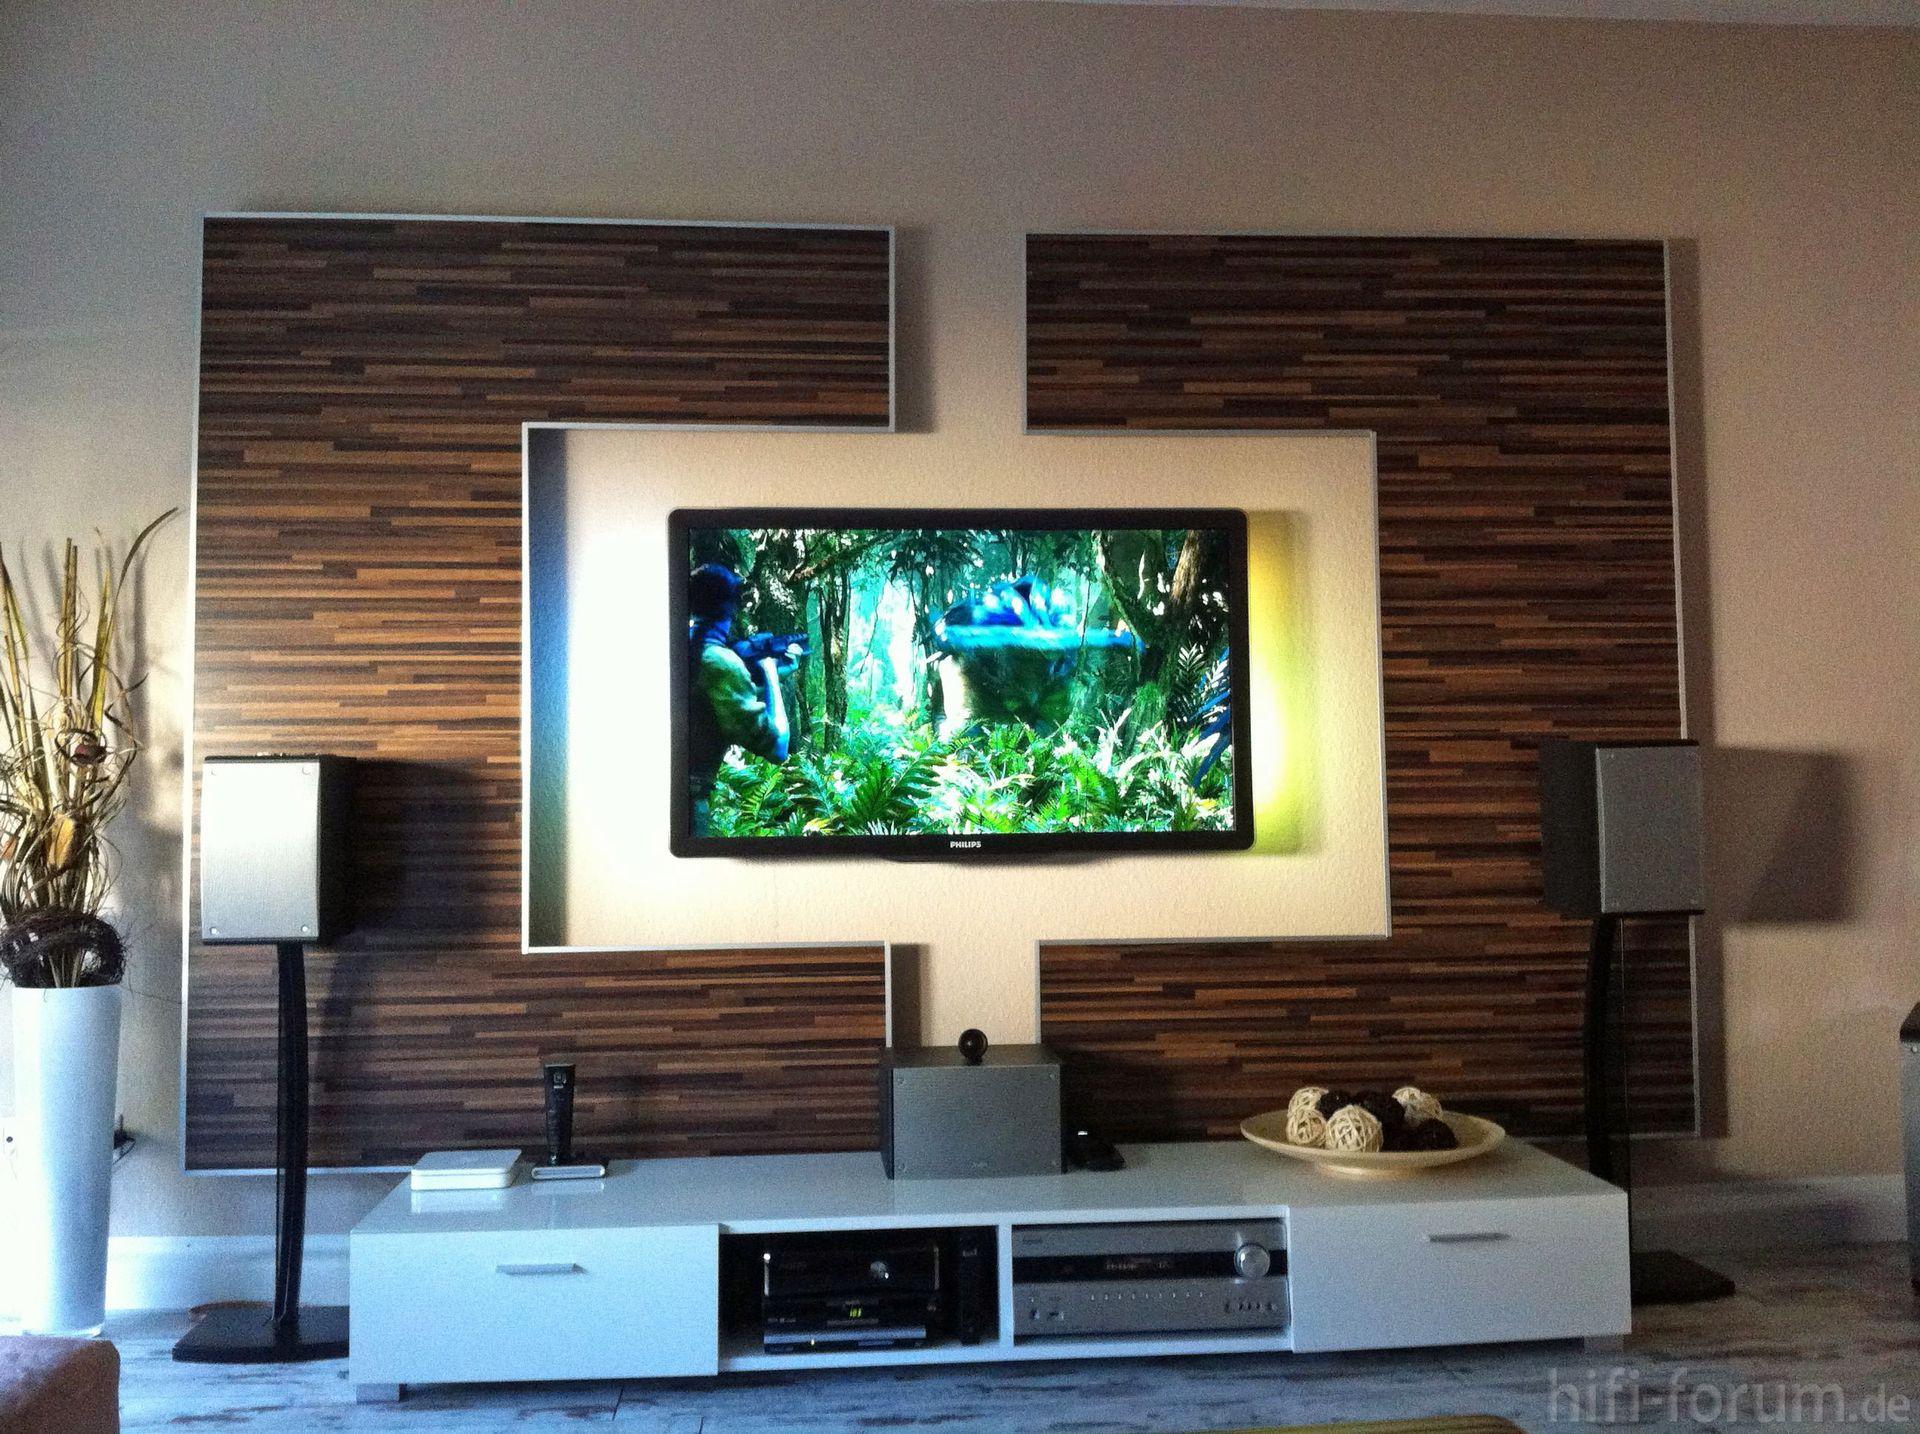 Tv wand ideen ikea  Die besten 25+ Selber bauen tv wand Ideen auf Pinterest ...